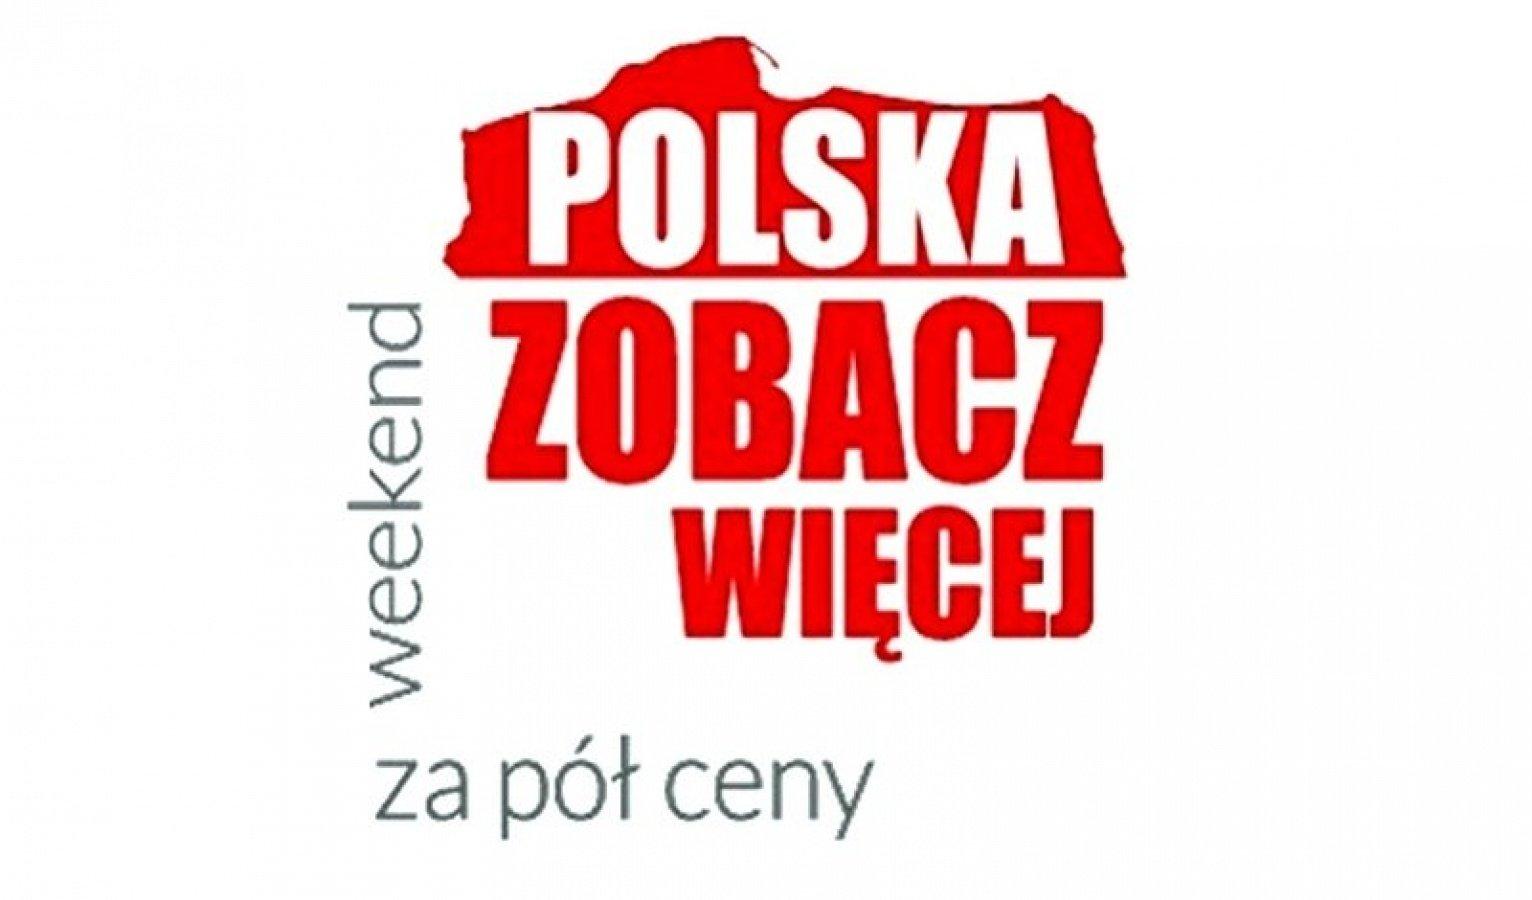 """Polskazobaczwiecej Picture: Weekend Za Pół Ceny """"Polska Zobacz Więcej"""" W Łodzi"""